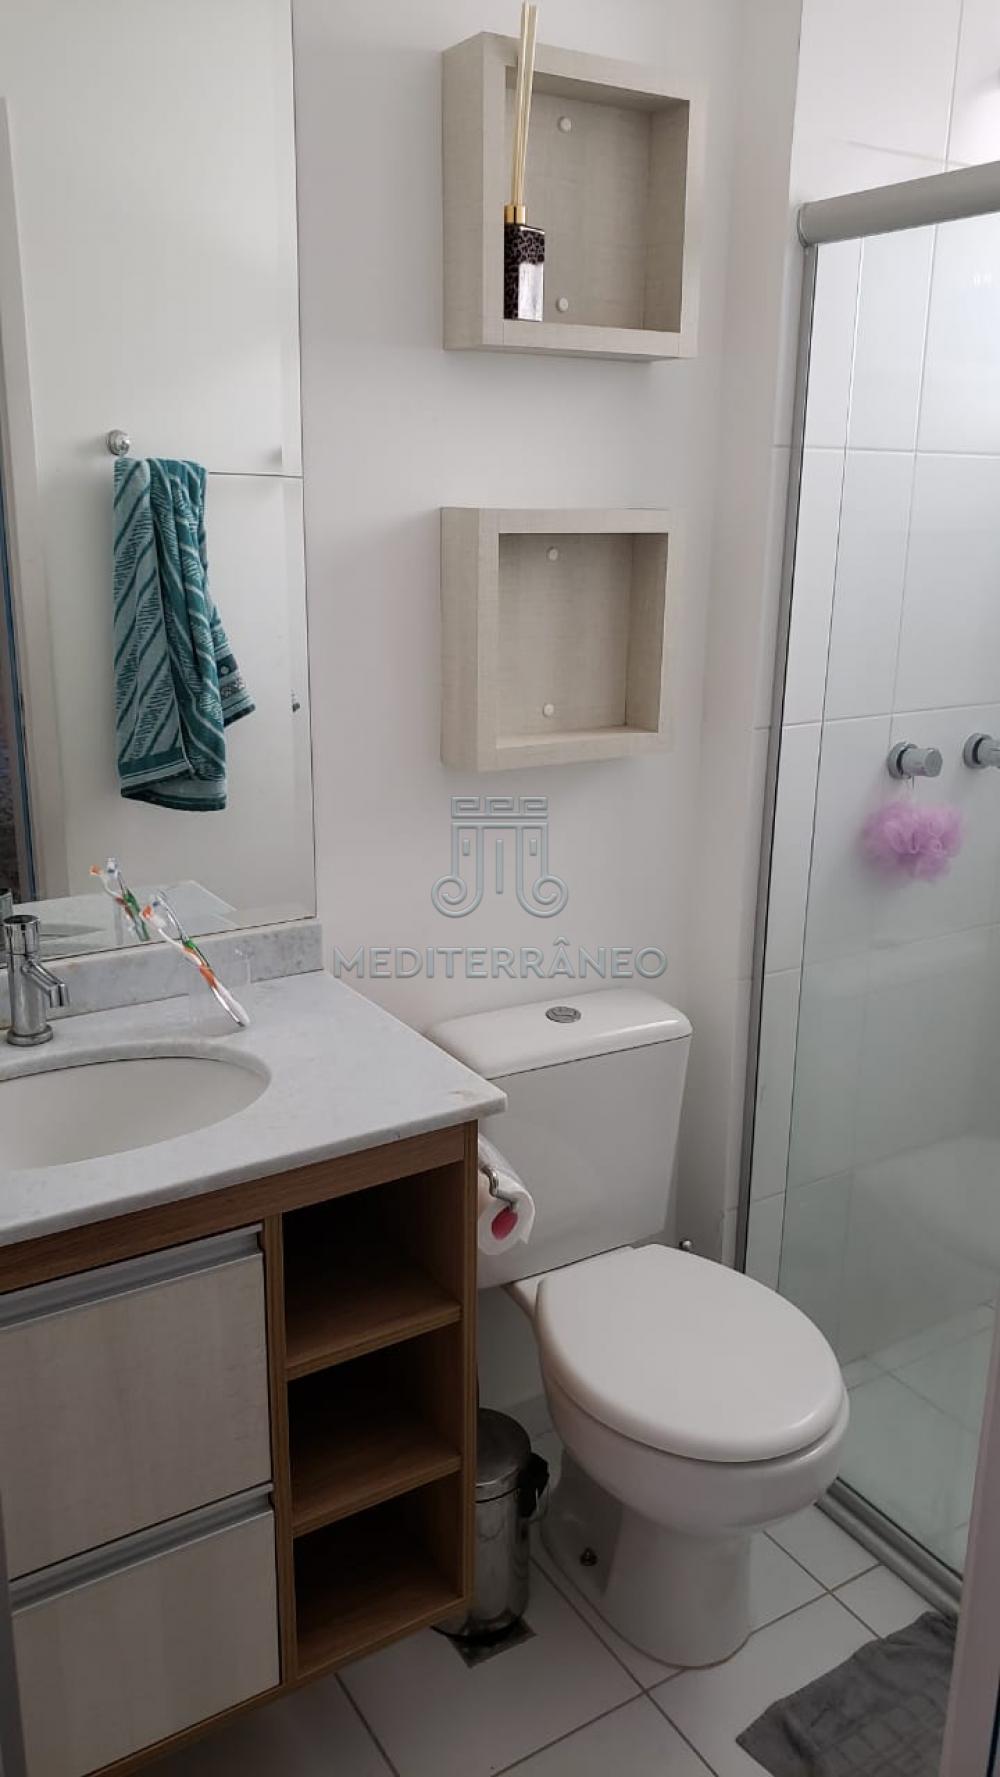 Alugar Apartamento / Padrão em Jundiaí apenas R$ 2.500,00 - Foto 7